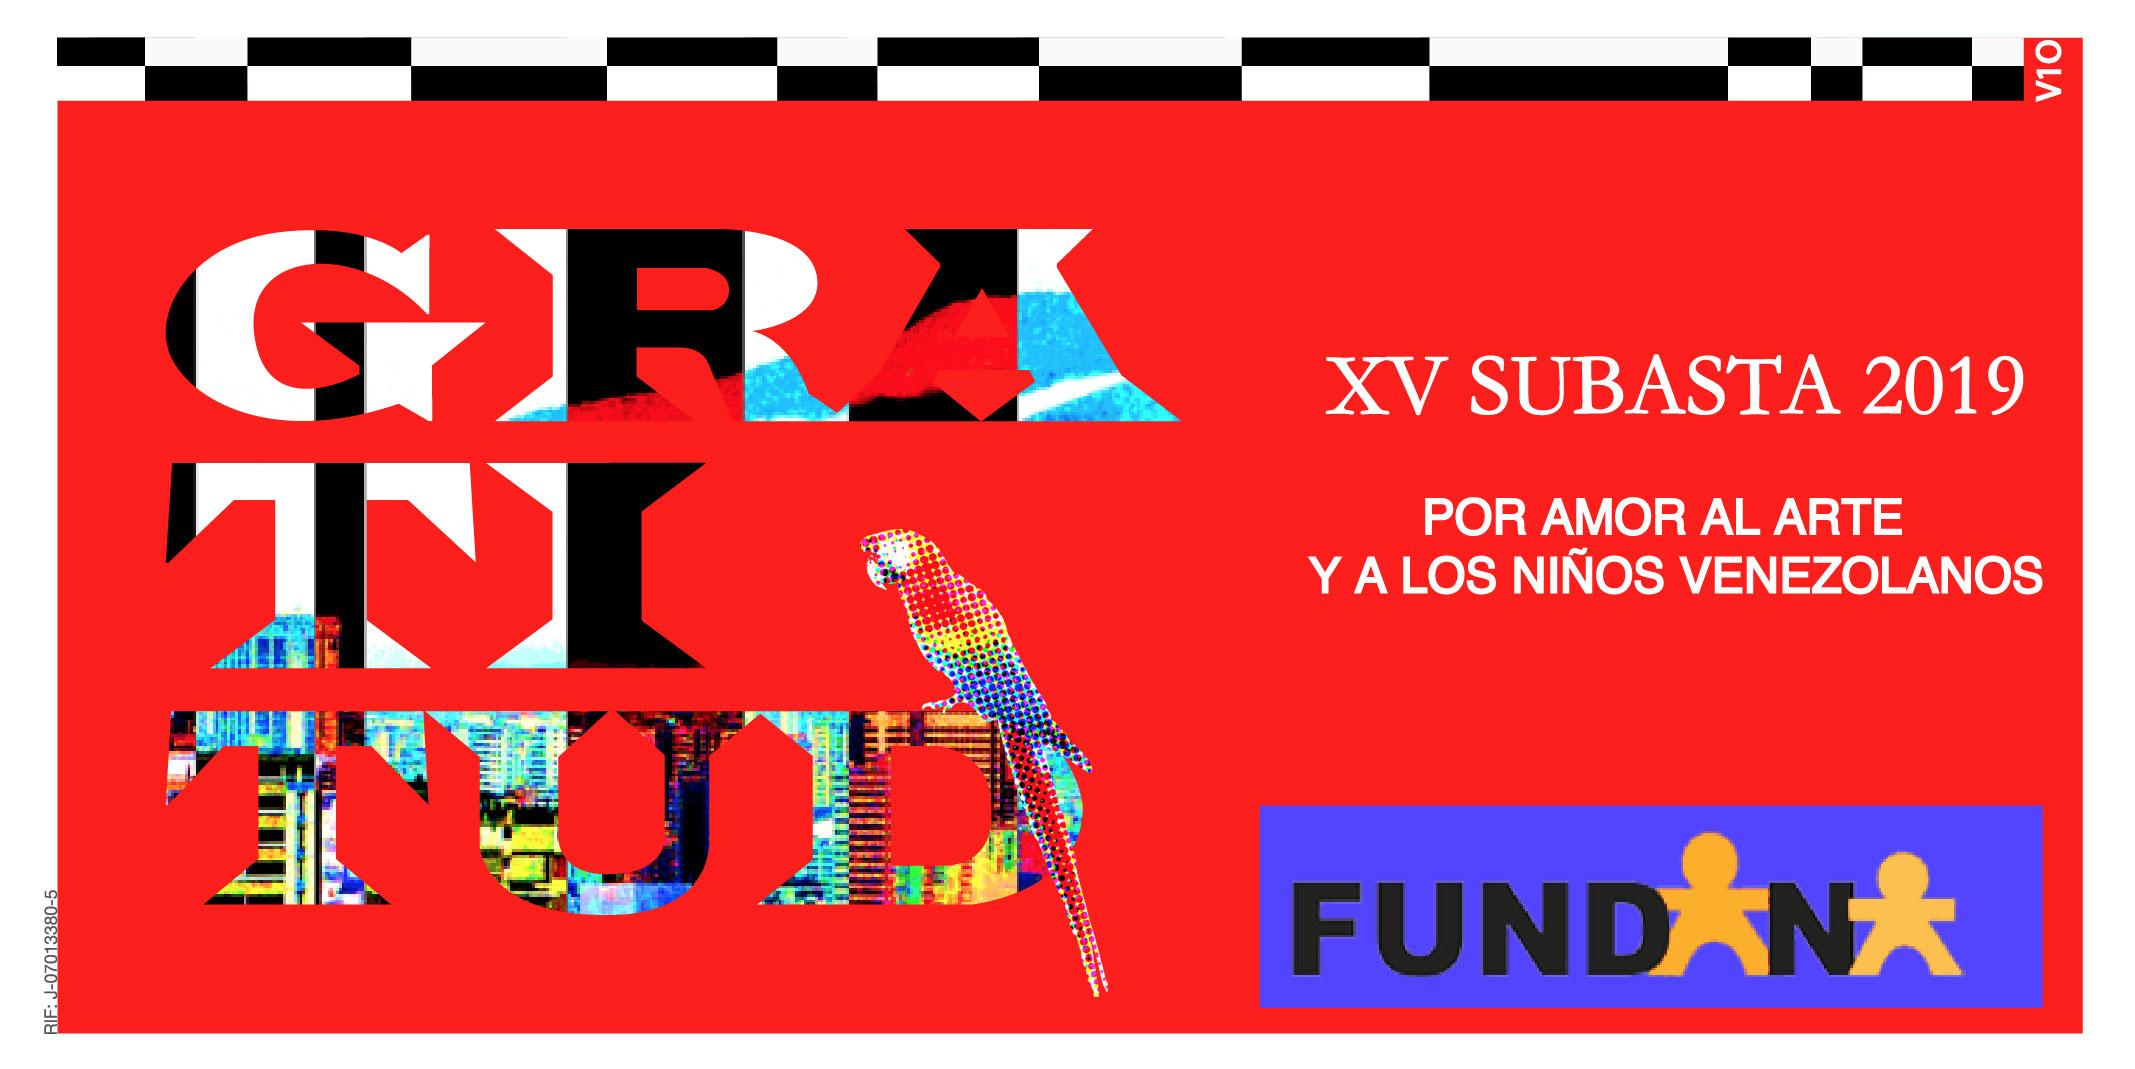 XV Subasta Fundana